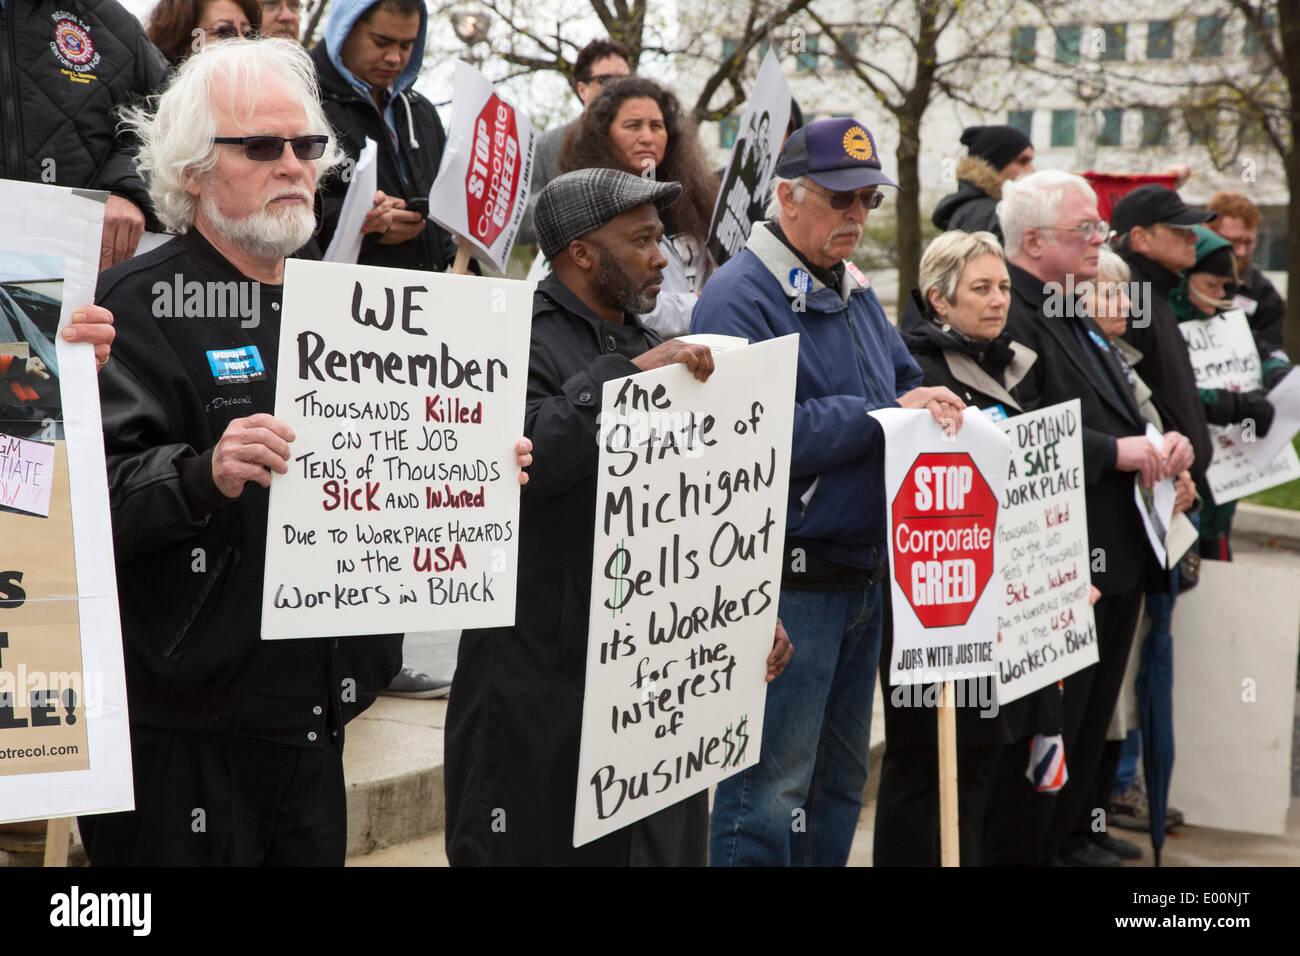 Detroit, Michigan, EE.UU. - Miembros del Sindicato de Trabajadores de marca Día Conmemorativo por la celebración de una marcha y una vigilia silenciosa para recordar a los trabajadores muertos en el trabajo. Dicen que miles de trabajadores mueren cada año en los lugares de trabajo inseguros, y otras muchas más de las enfermedades profesionales. Crédito: Jim West/Alamy Live News Imagen De Stock